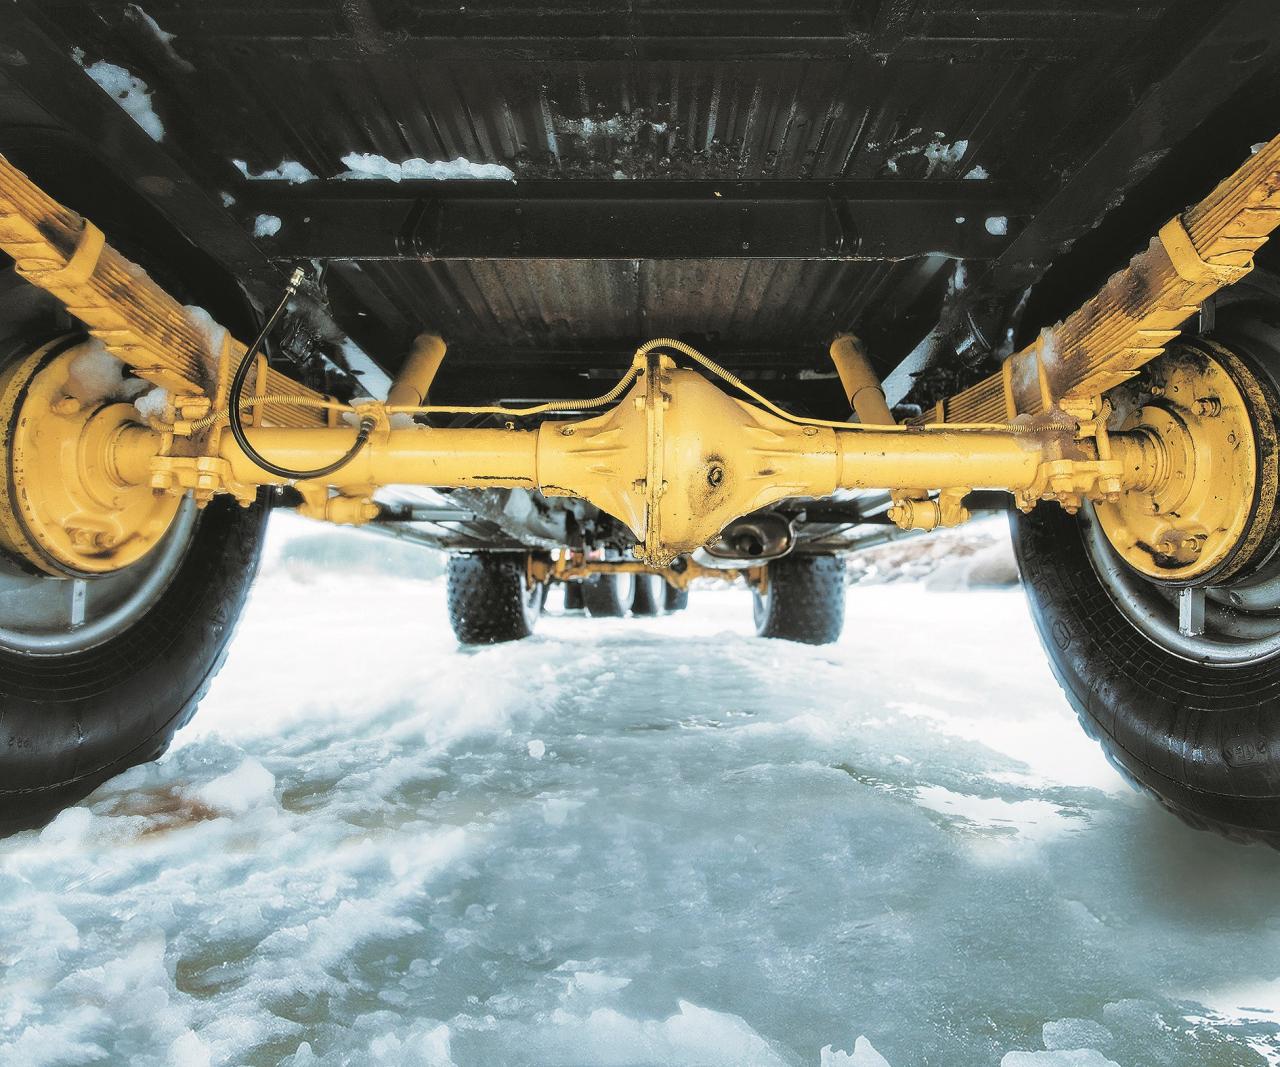 Apakšējā uzbūve: lokšņu atsperes, pilnpiedziņa un platas riepas nodrošina pavisam īpašu braukšanas sajūtu. Šīs konkrētās riepas gan ir ražotas kādā Baltkrievijas rūpnīcā